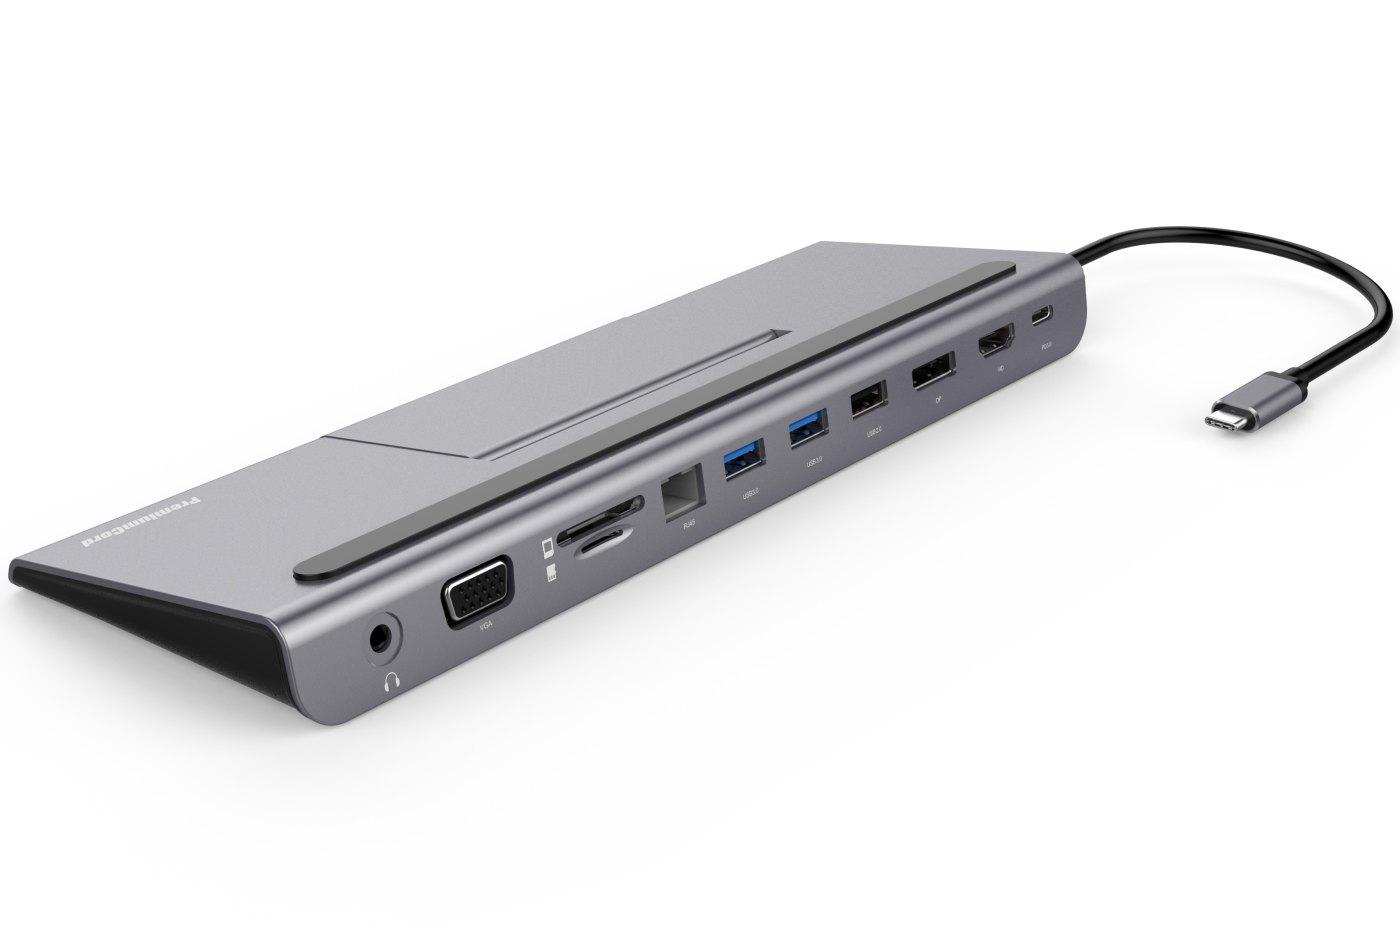 PremiumCord USB-C MST dock se stojanem na telefon - ku31dock13